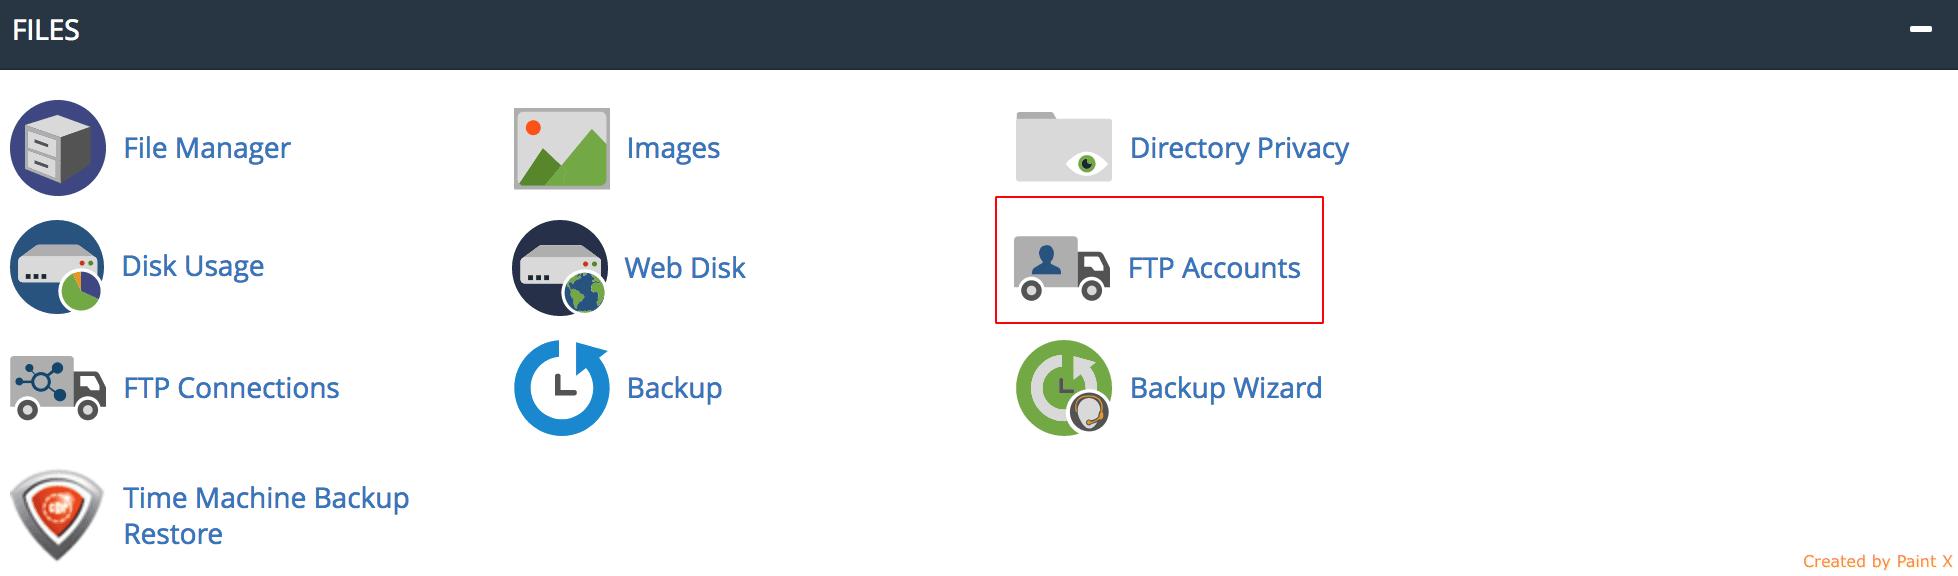 FTP-Accounts